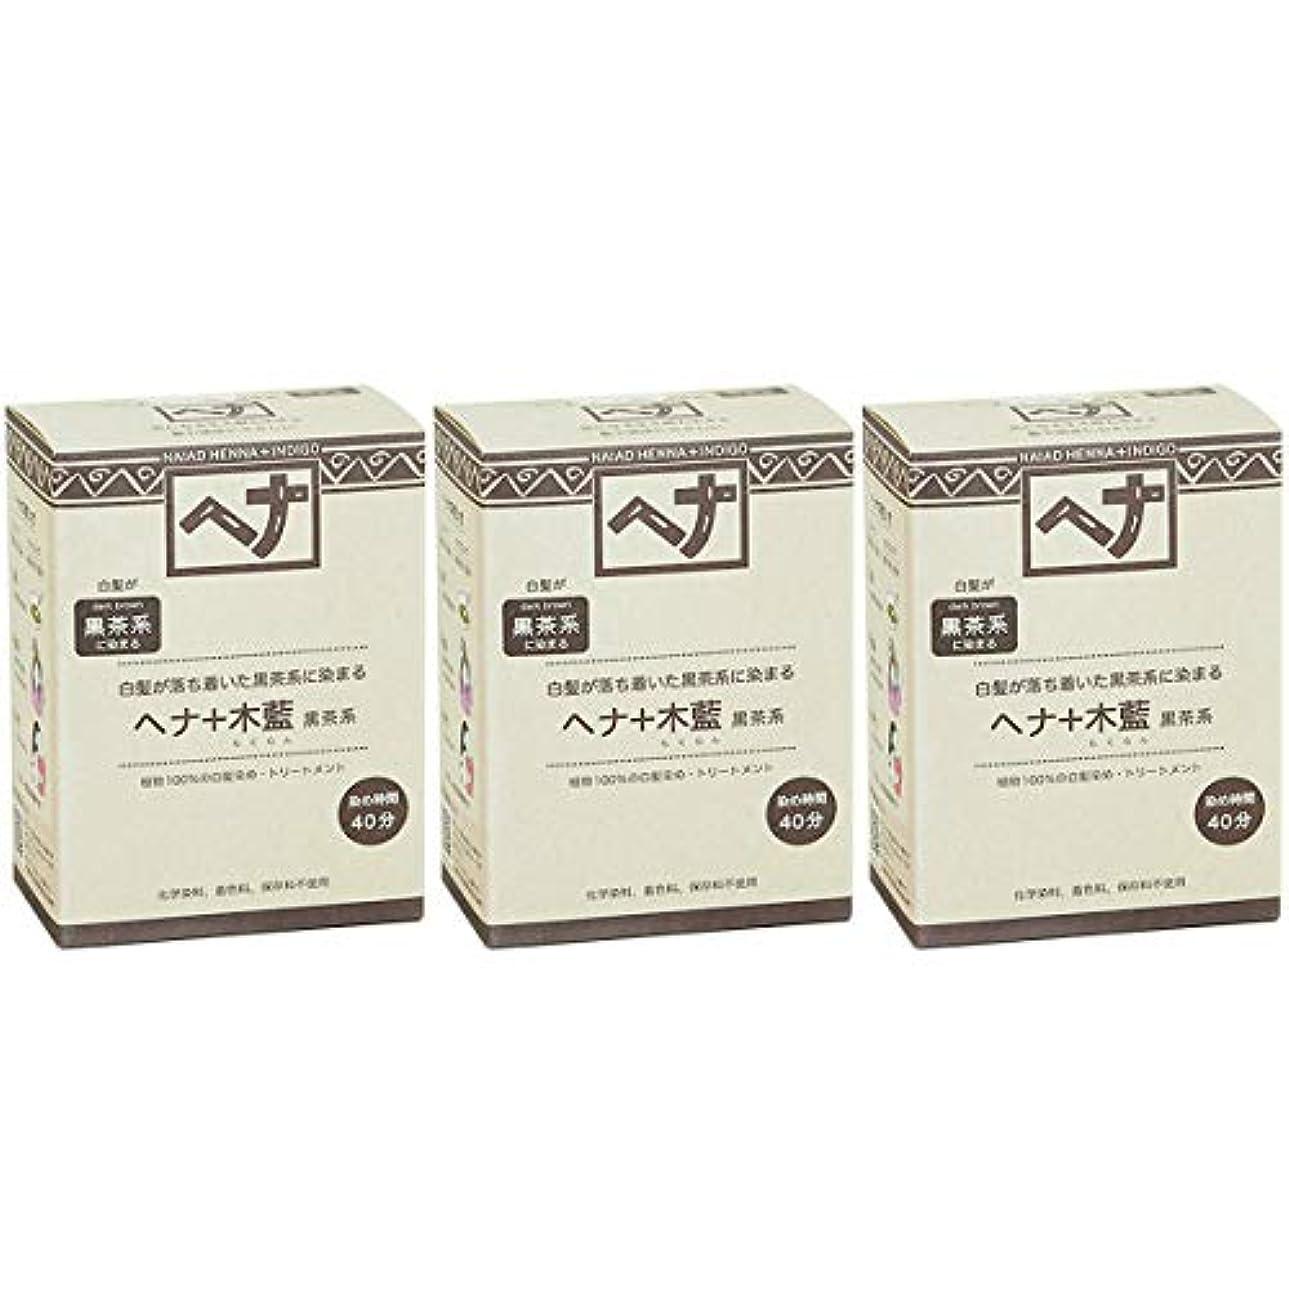 恐ろしいですさびたウッズナイアード ヘナ + 木藍 黒茶系 白髪が落ち着いた黒茶系に染まる 100g 3個セット